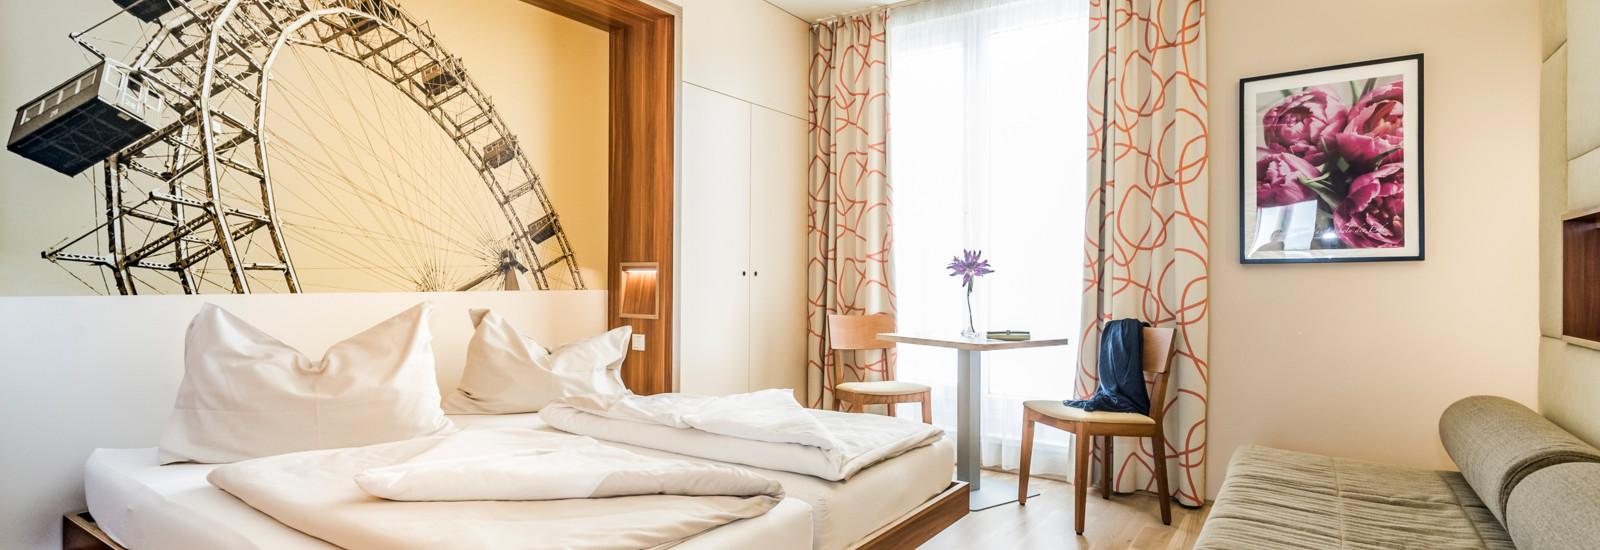 jufa hotel wien city doppelzimmer